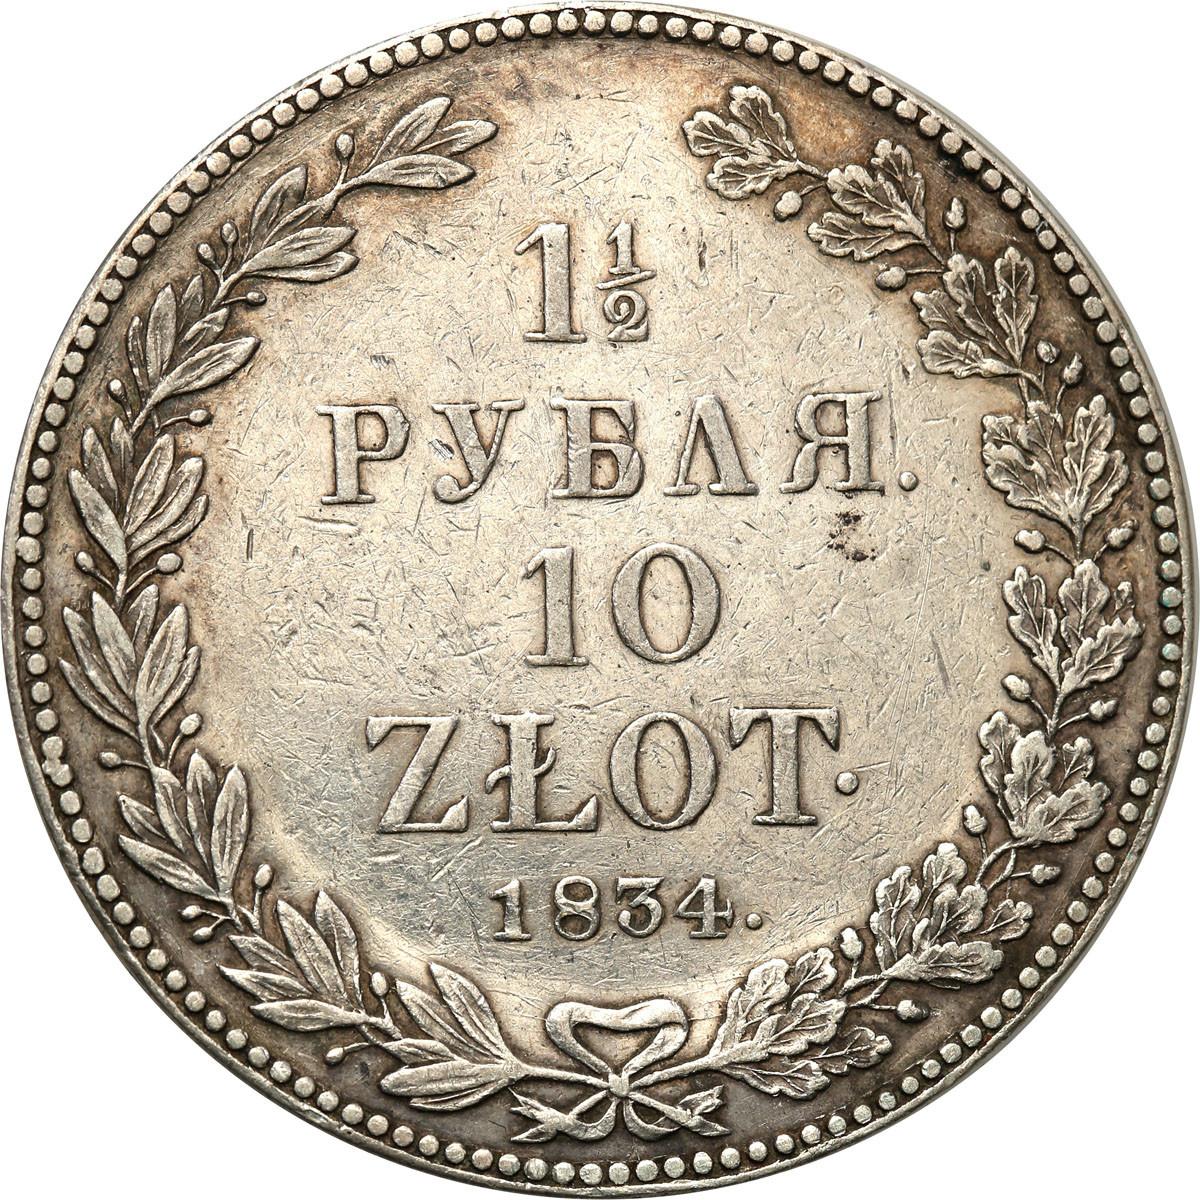 Polska XIX 10 złotych= 1/2 Rubla 1834 NG st. III+ /Sankt Petersburg/